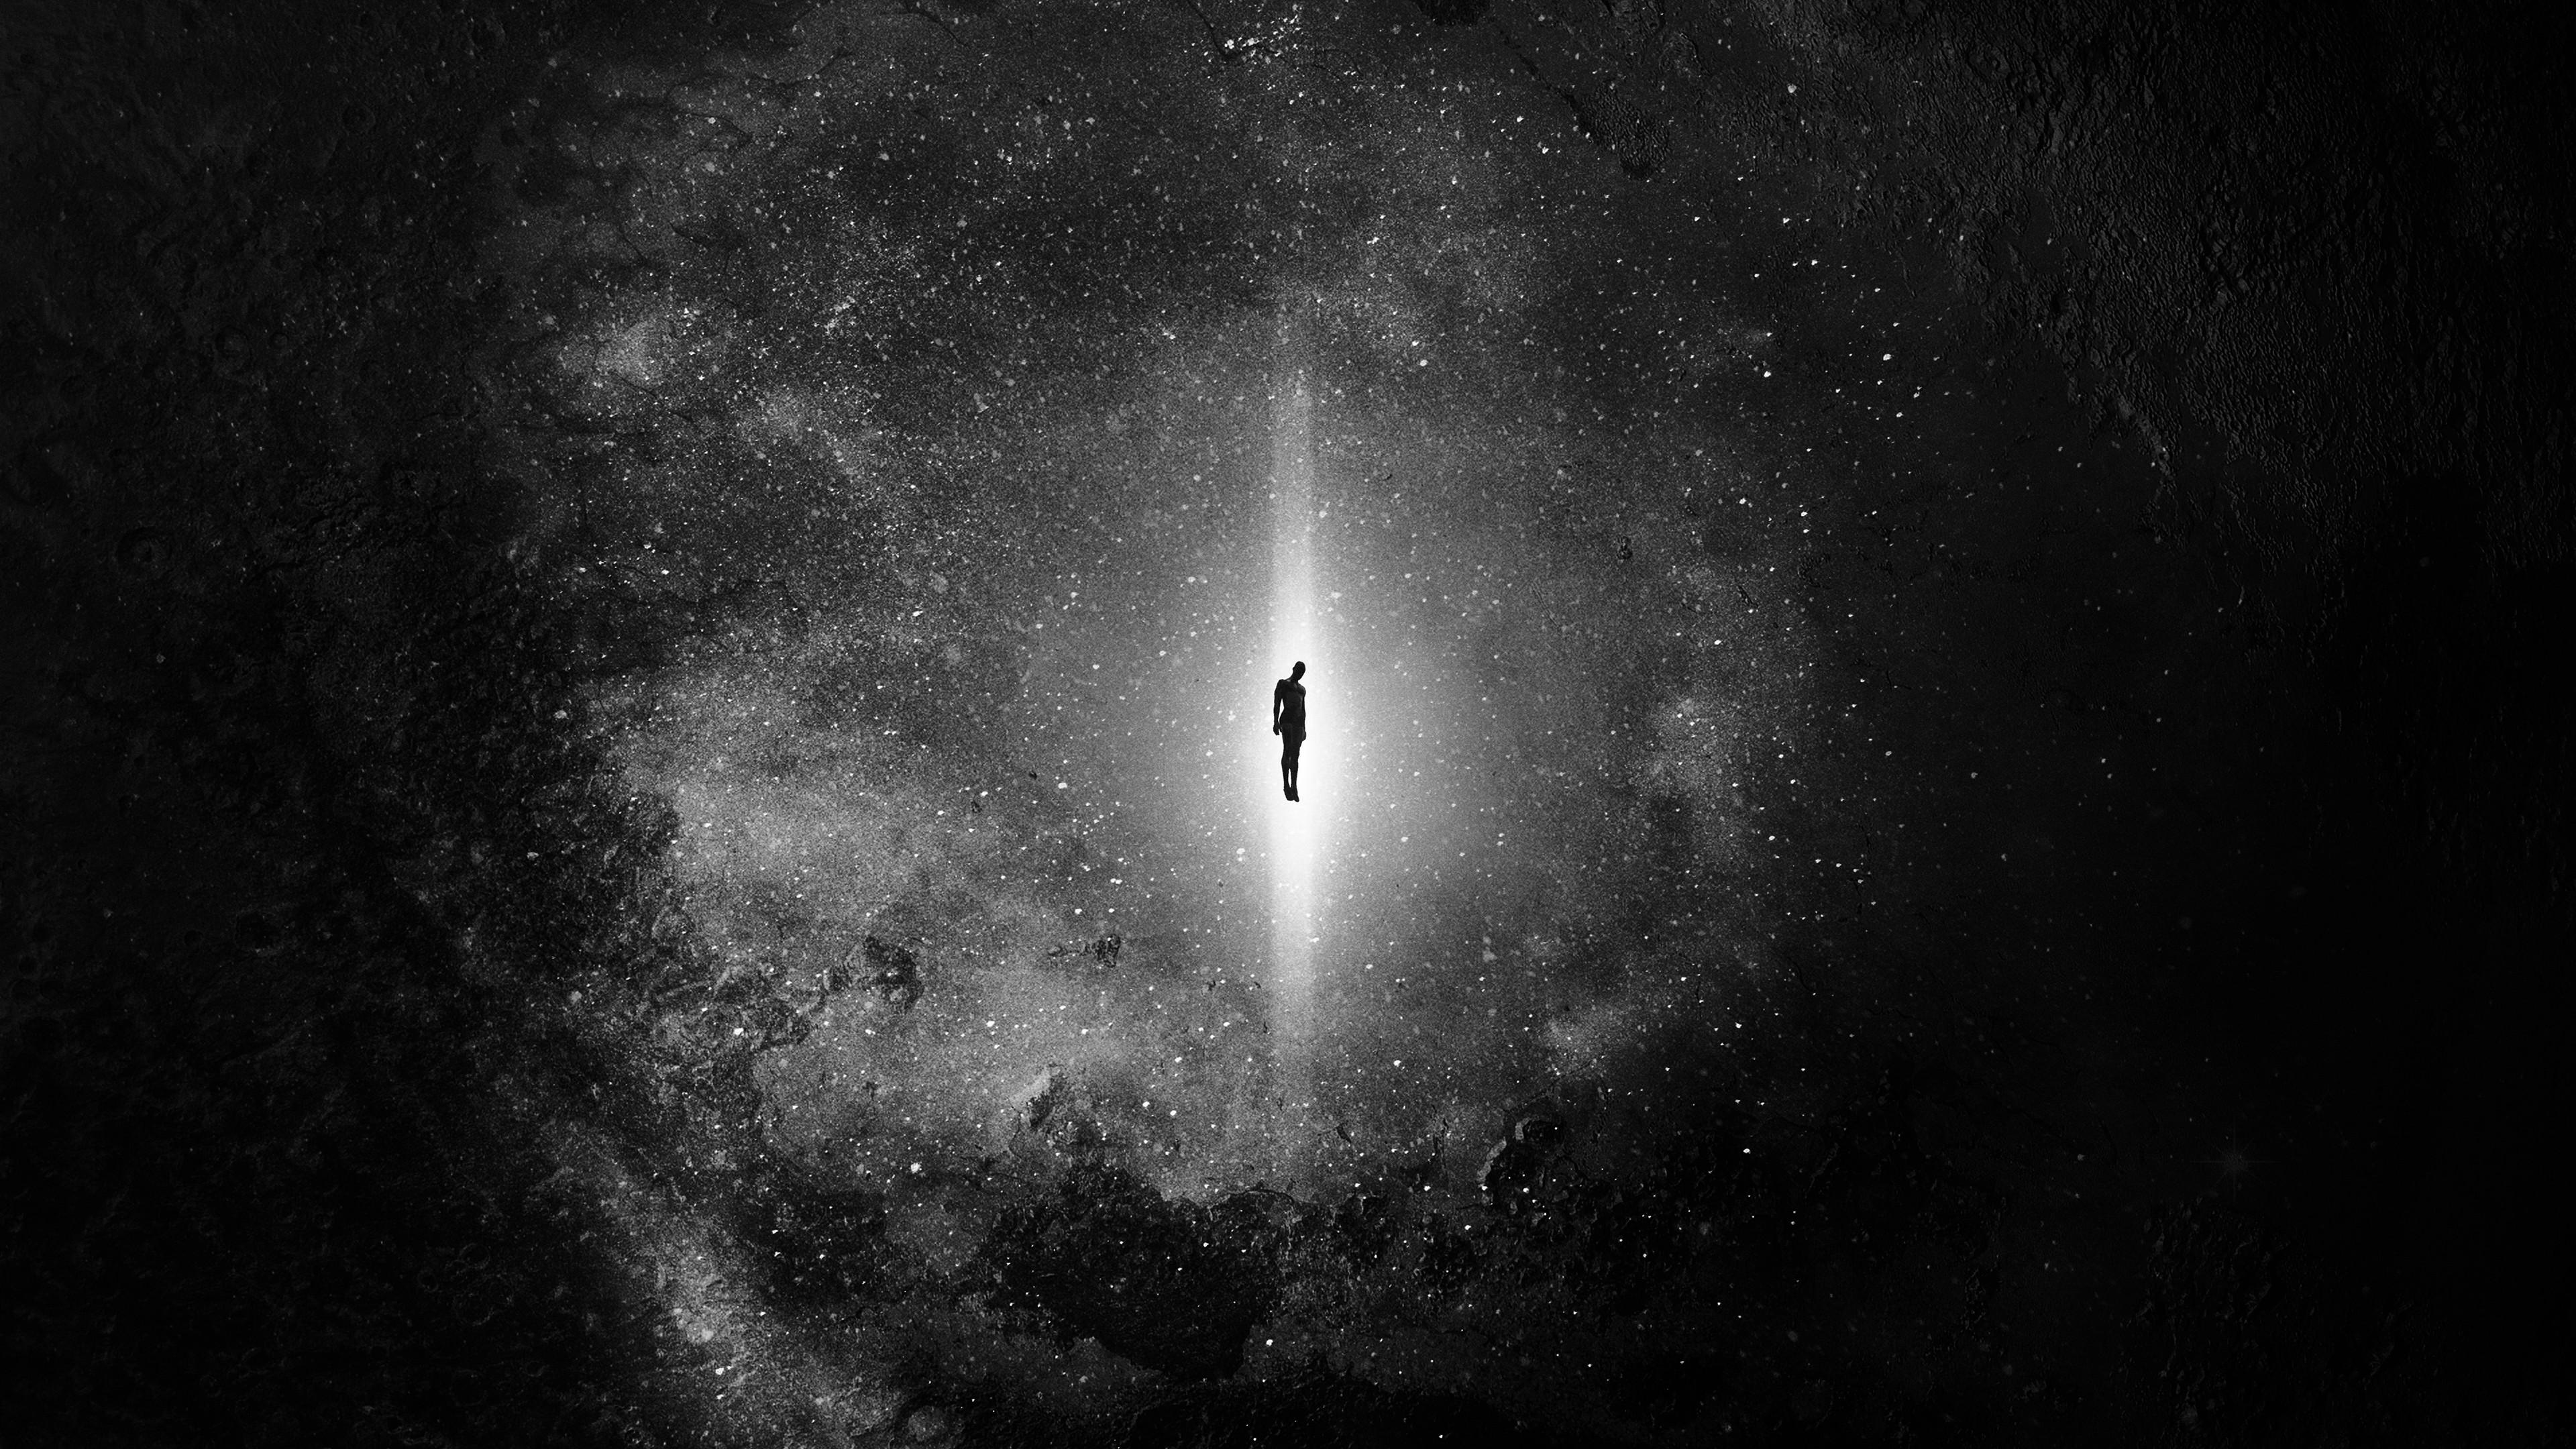 Ч б картинка космос